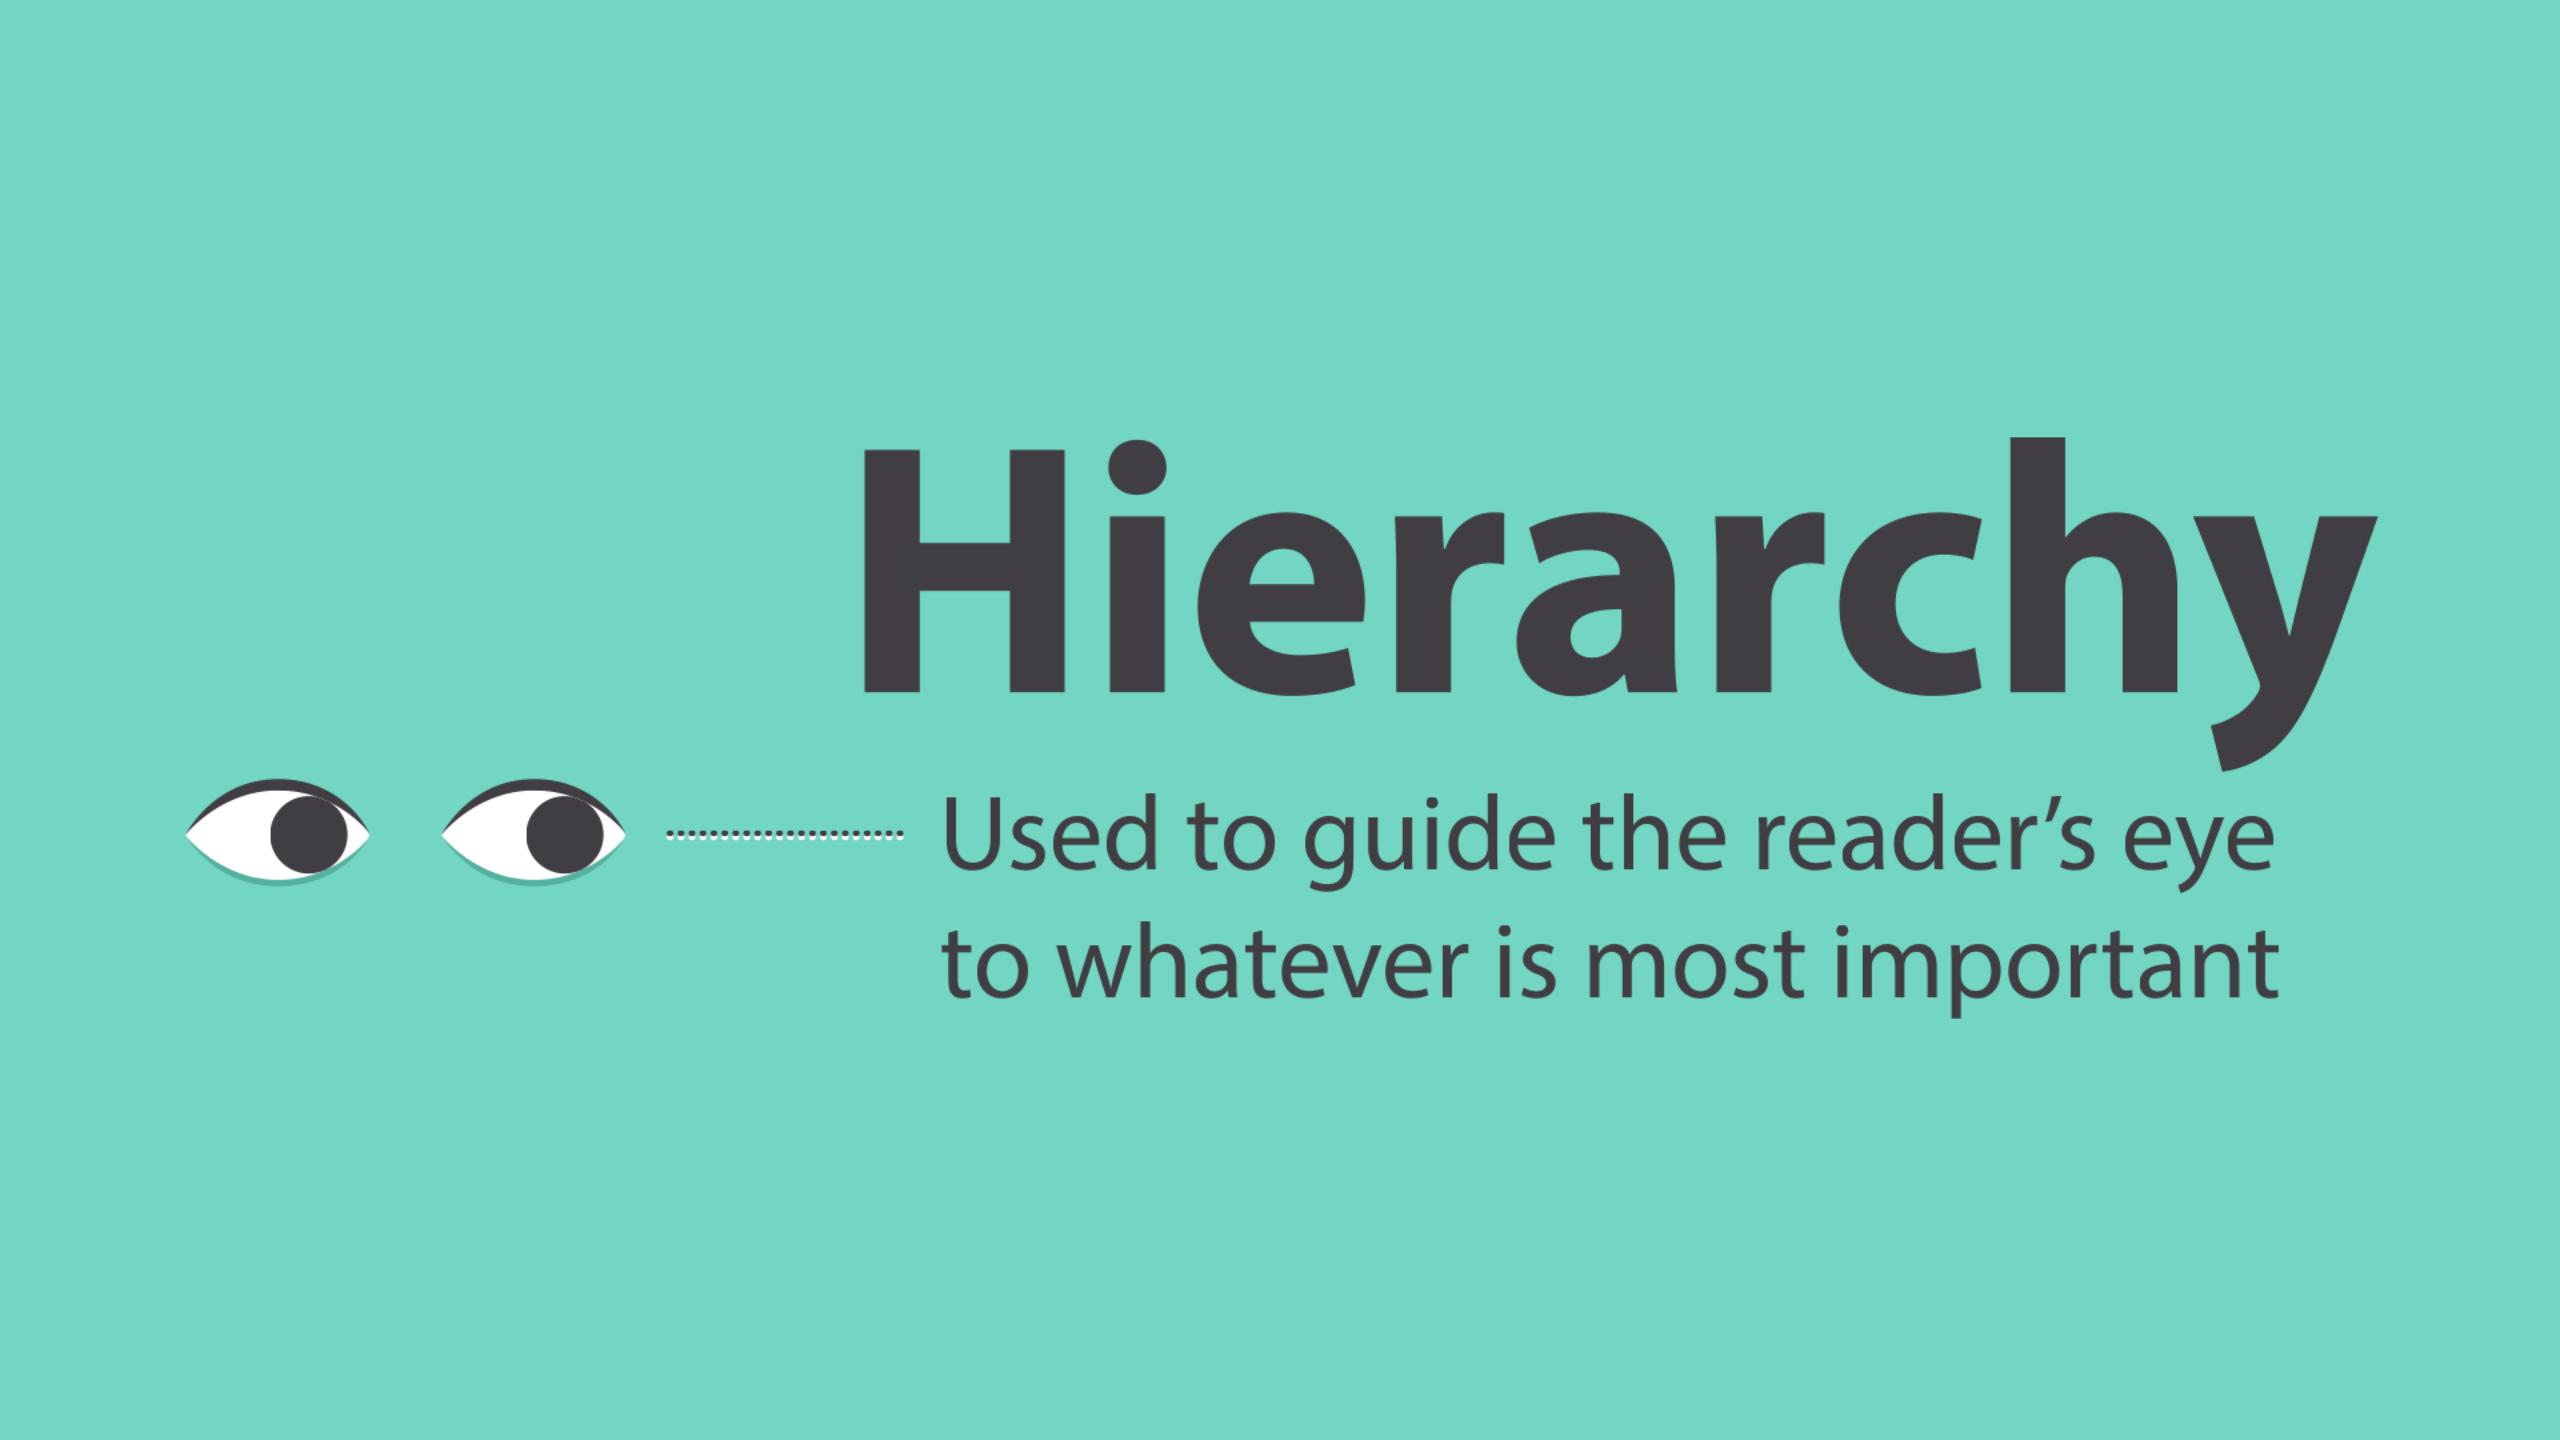 typo_hierarchy.